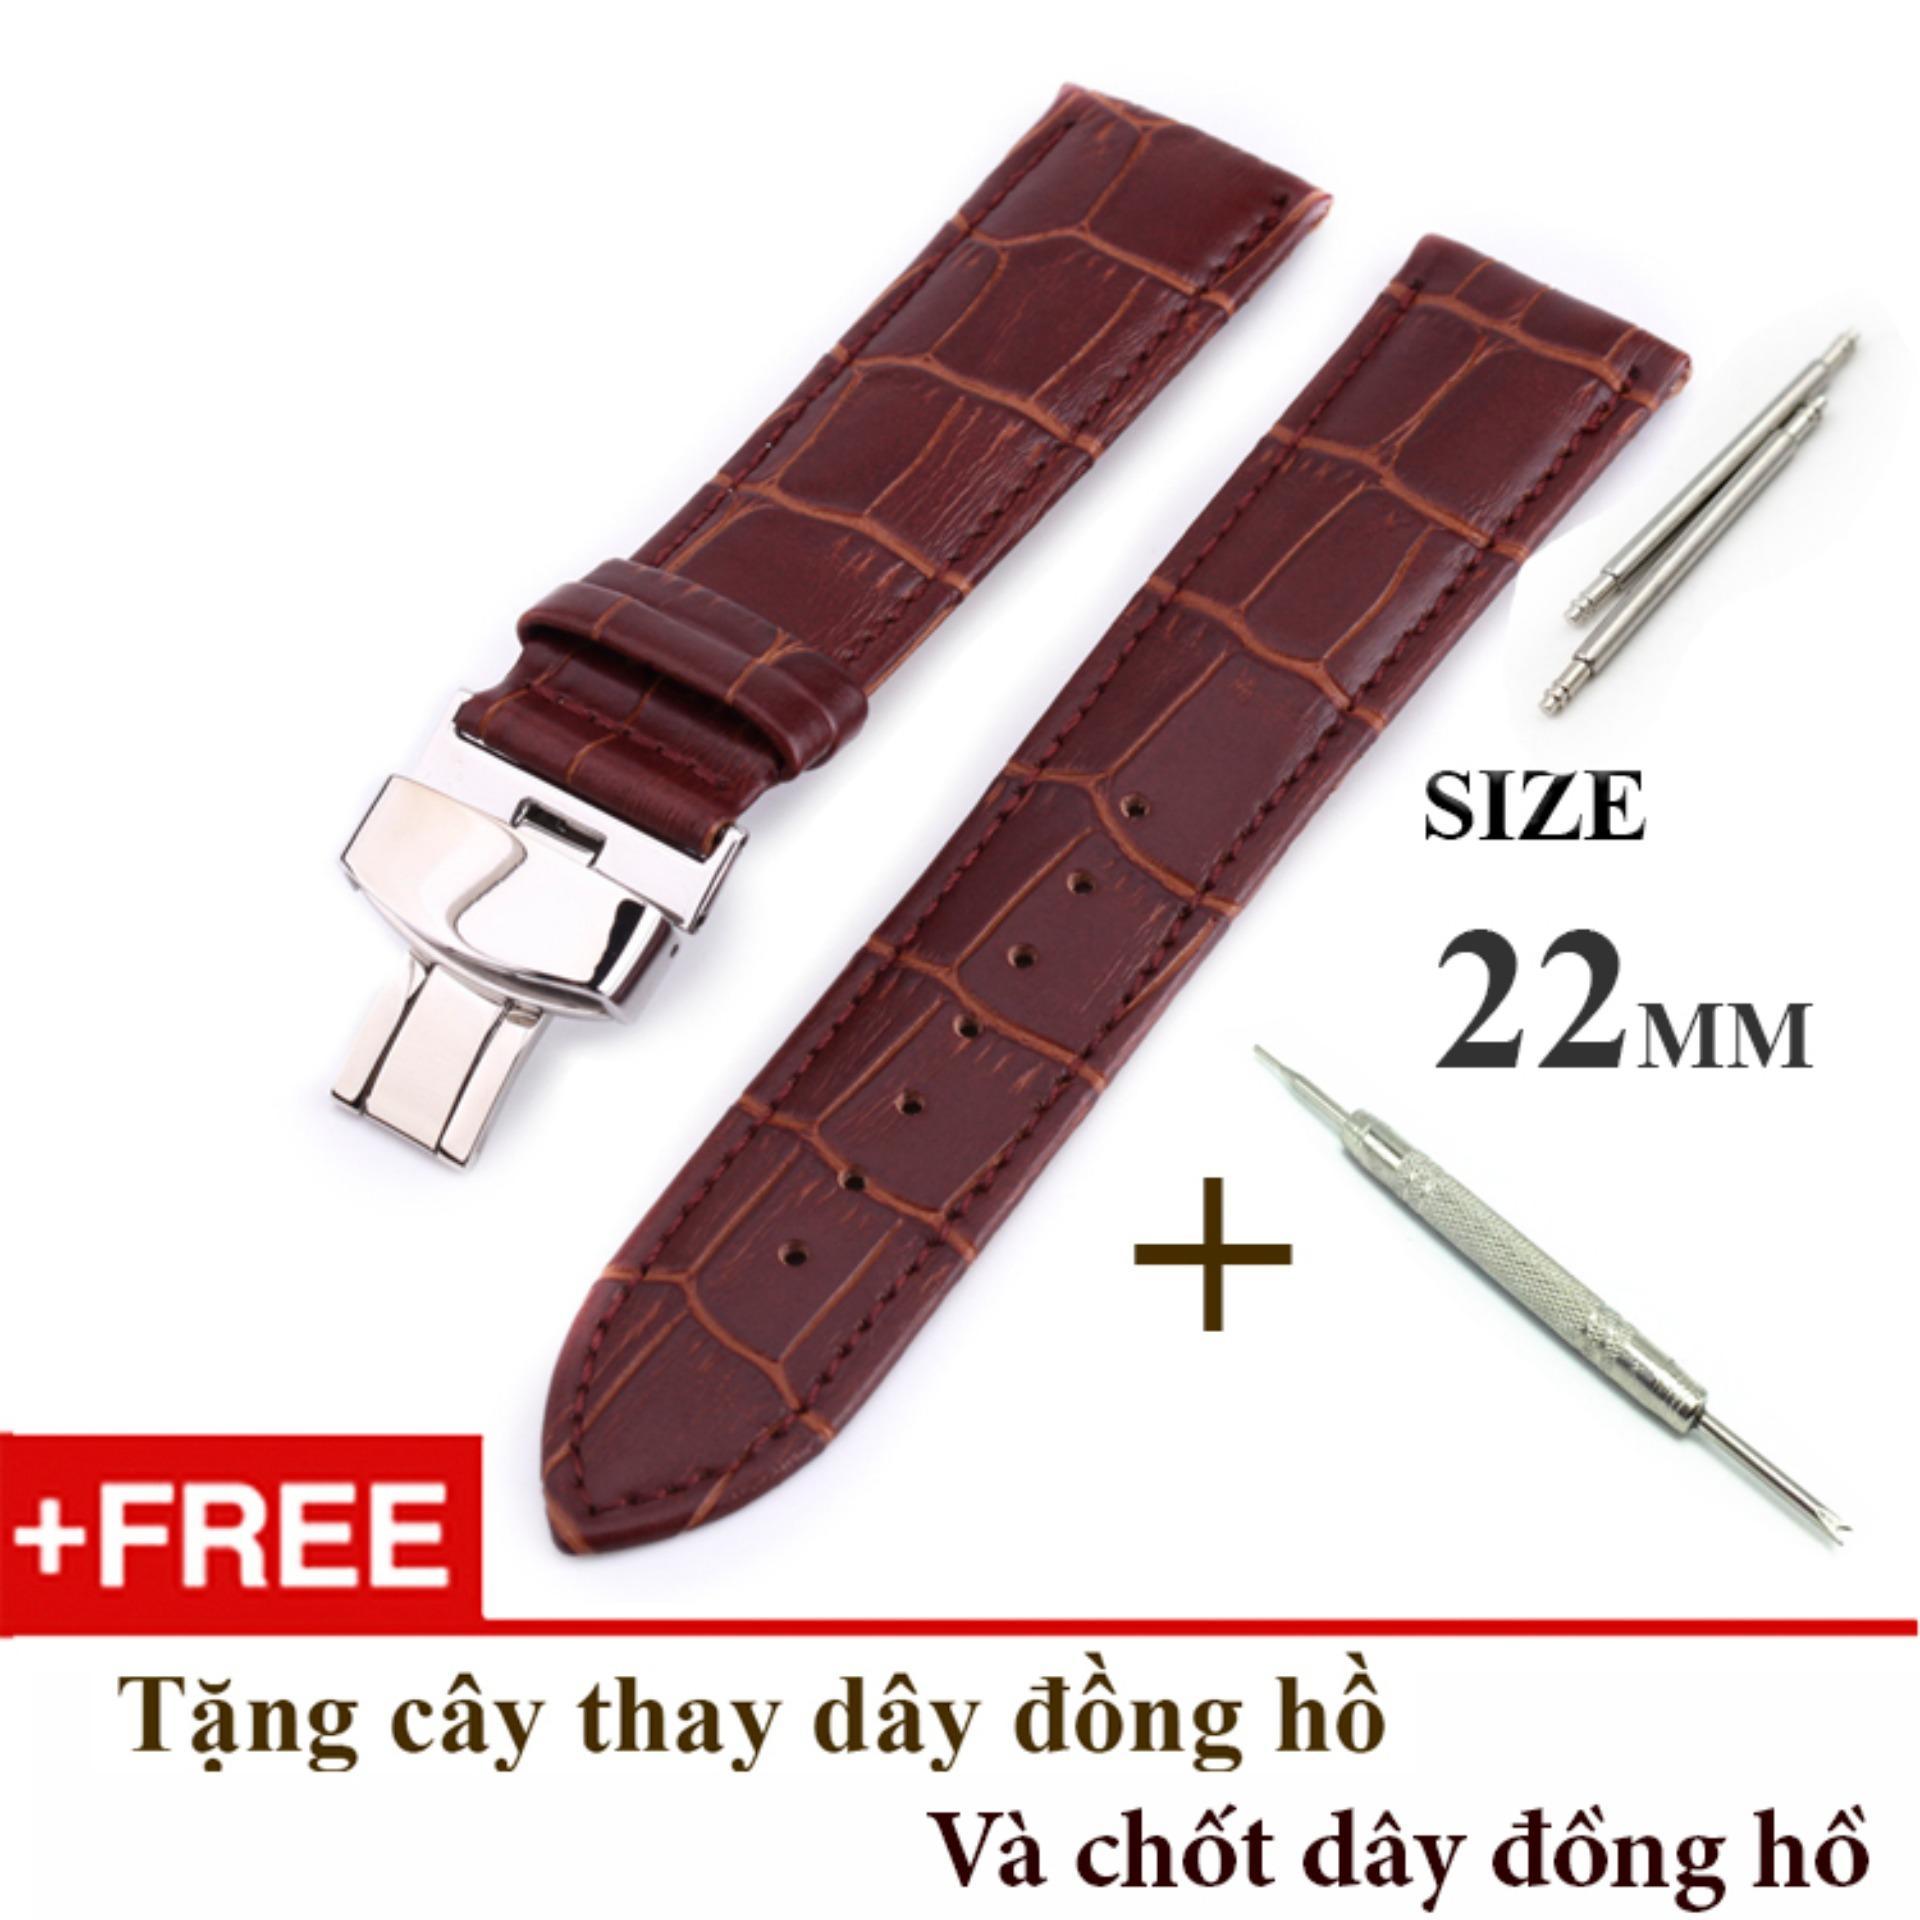 Nơi bán Dây đồng hồ da bò xịn SIZE 22mm, khóa bướm thép 316 (nâu-B09)